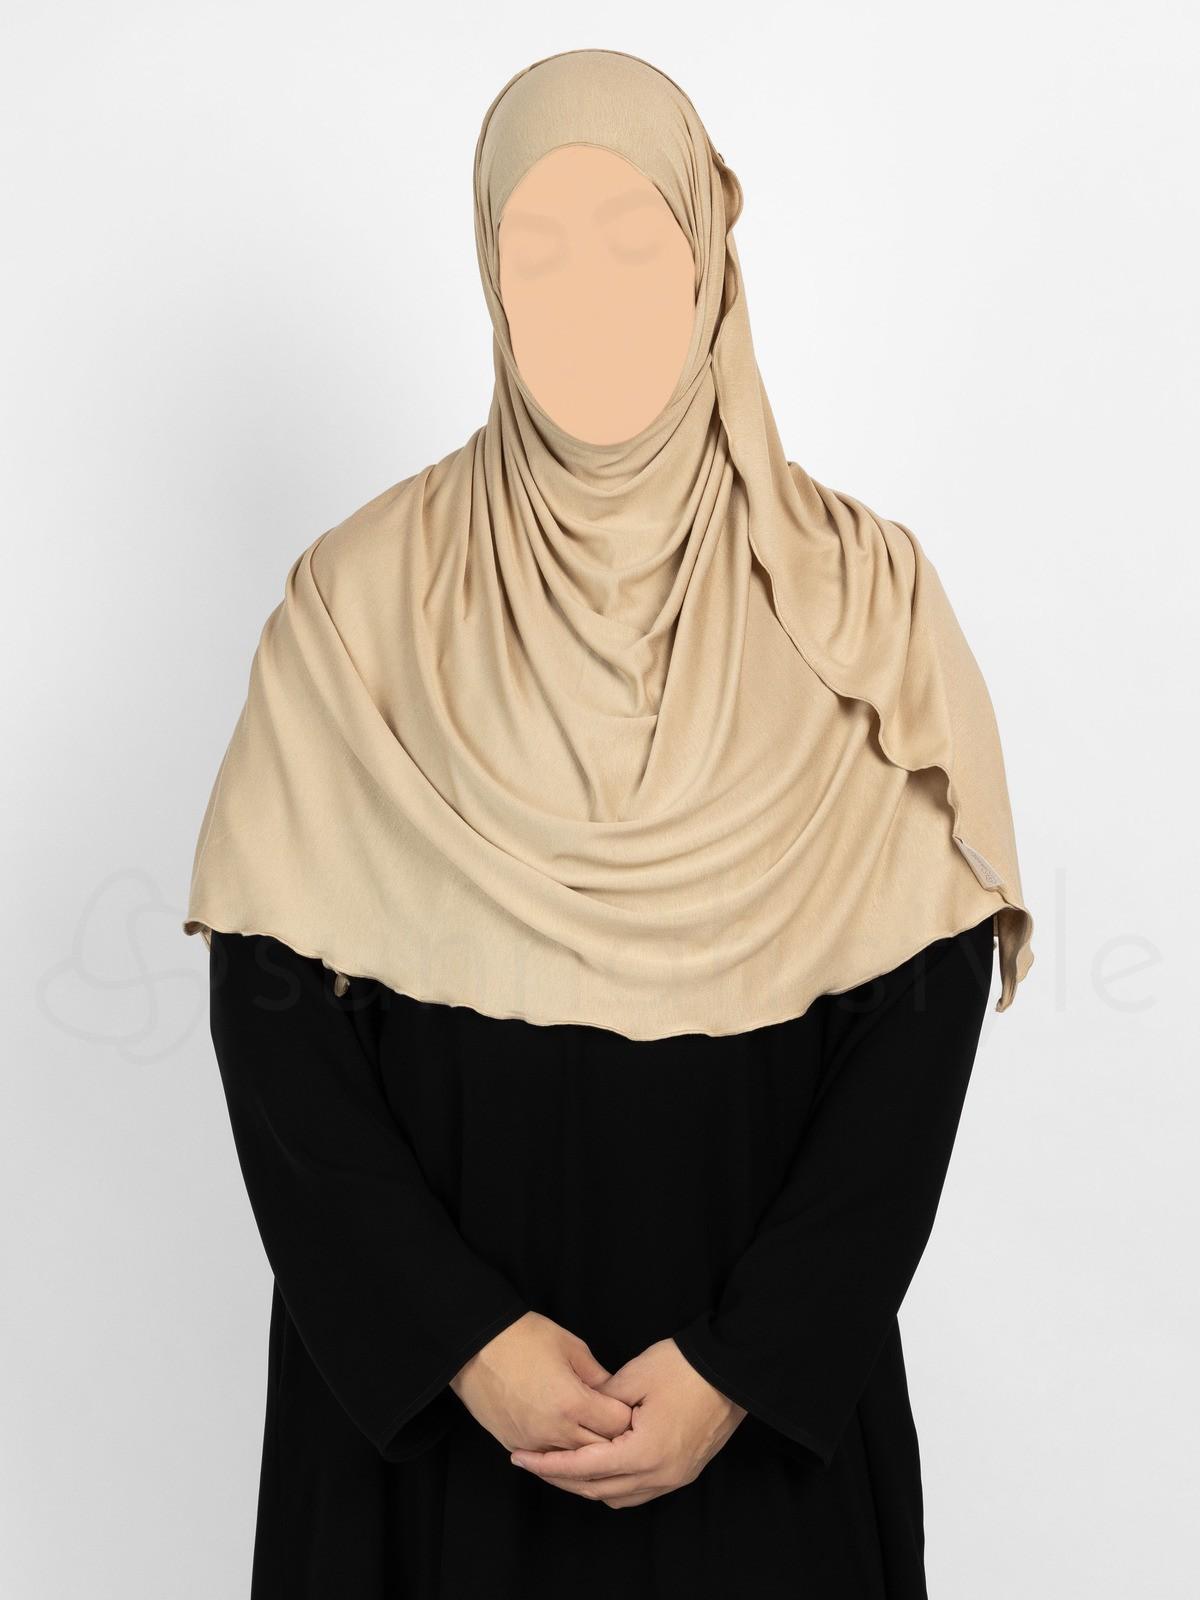 Sunnah Style Urban Shayla (Soft Jersey) - Large (Sand)